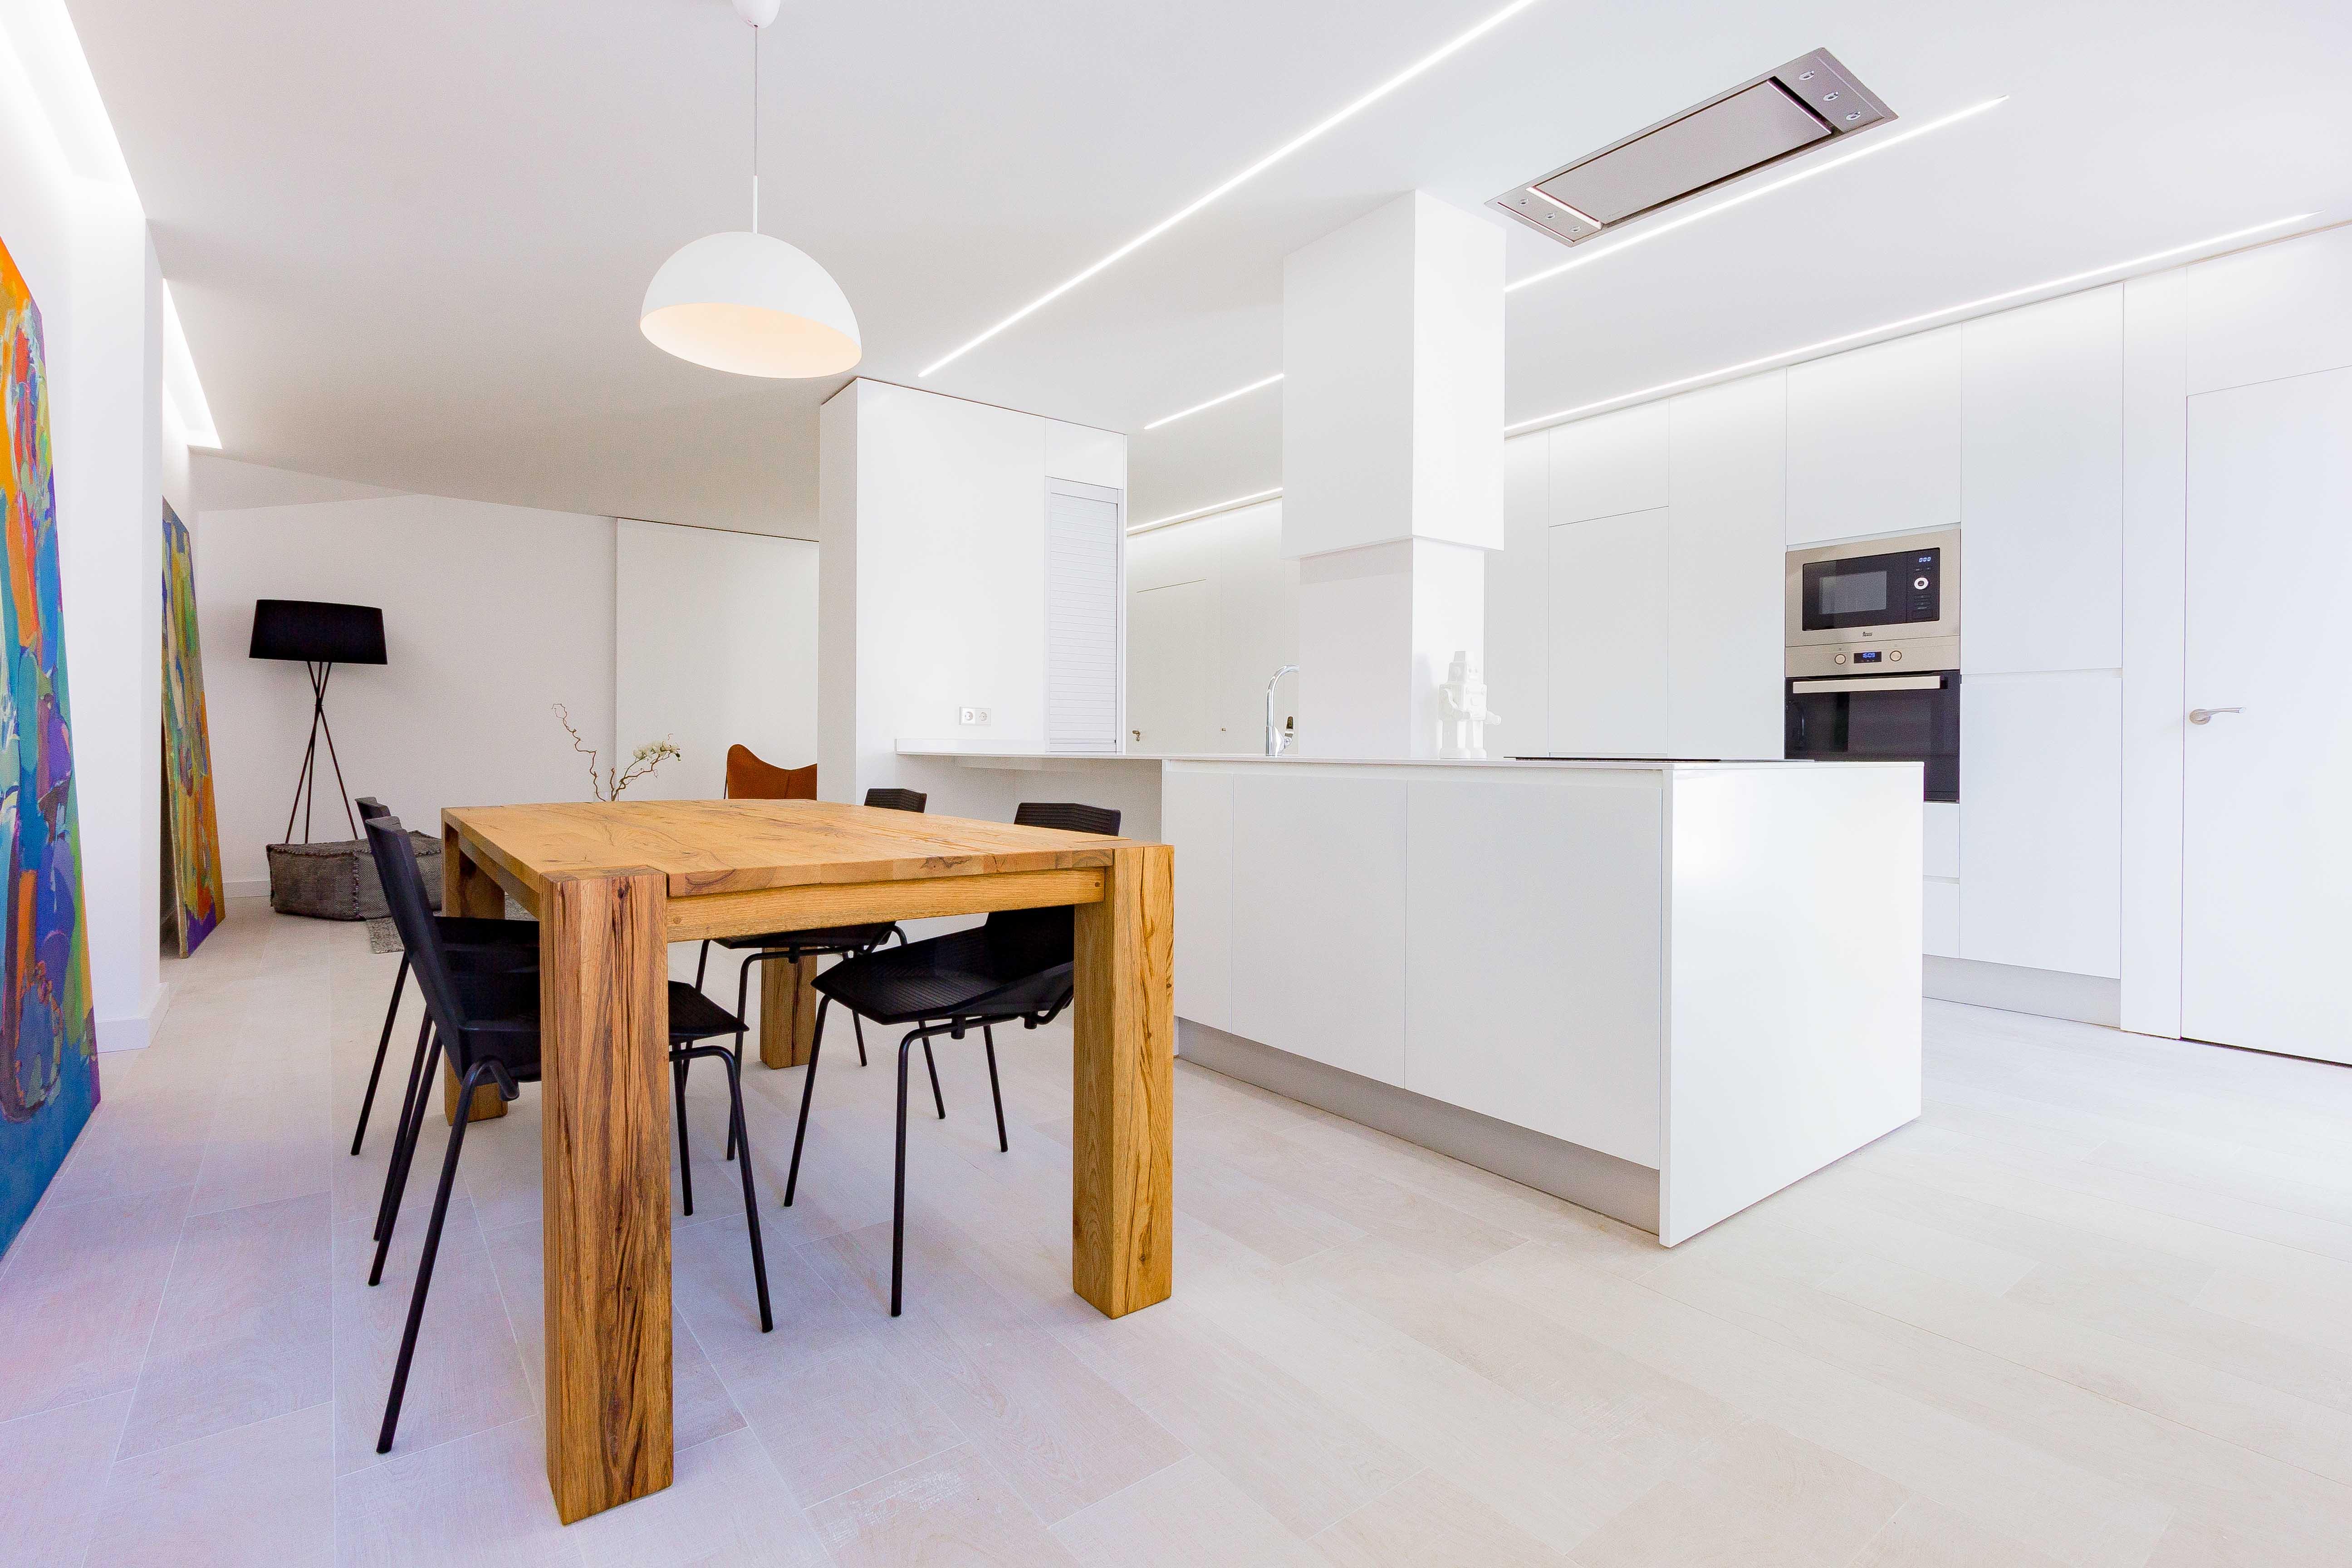 Comedor salon minimalista en reforma de vivienda. Chiralt Arquitectos Valencia.